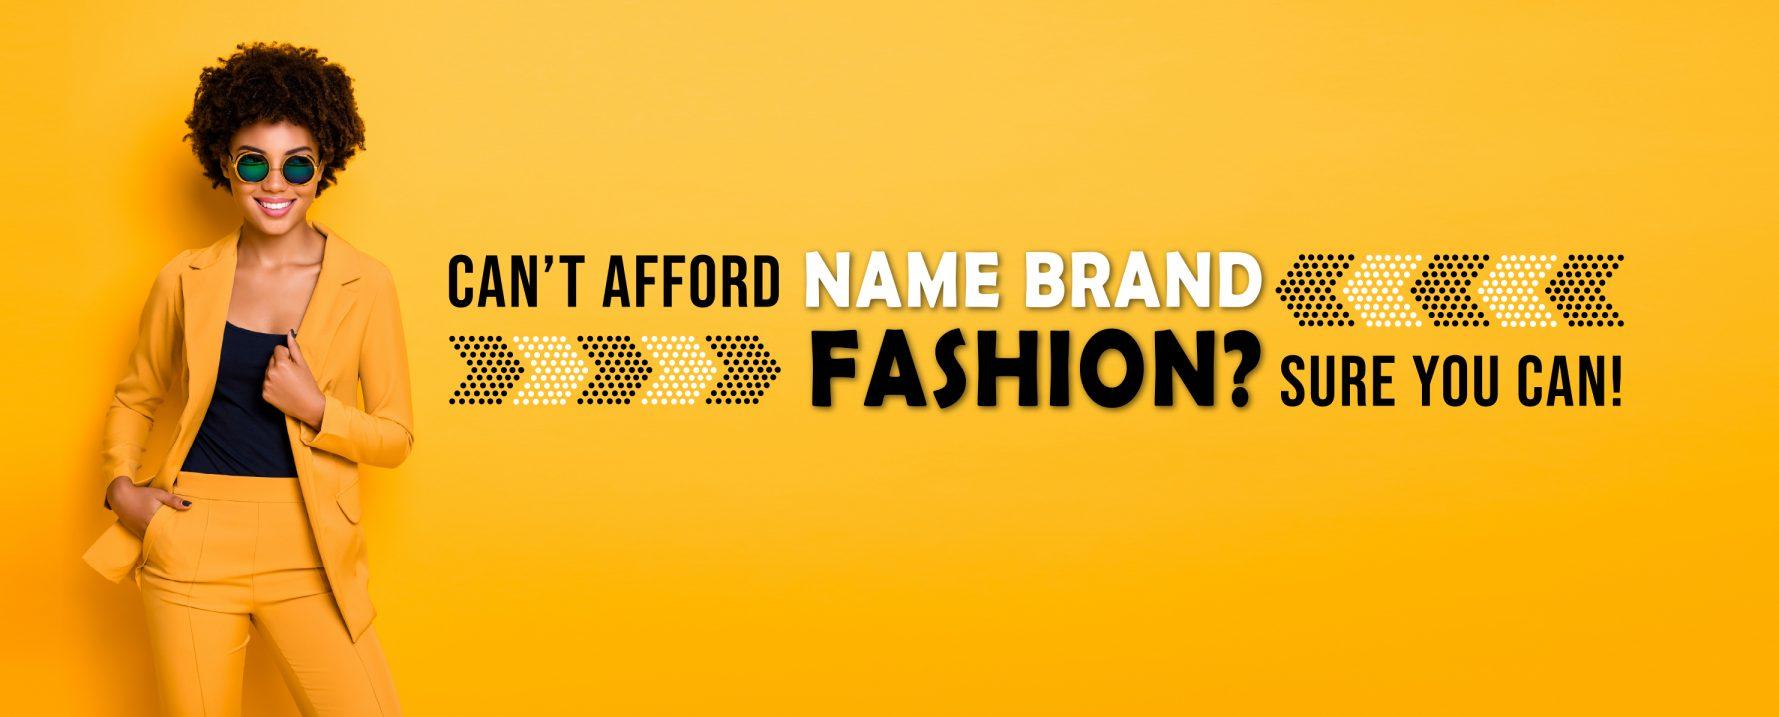 Name Brand Fashion